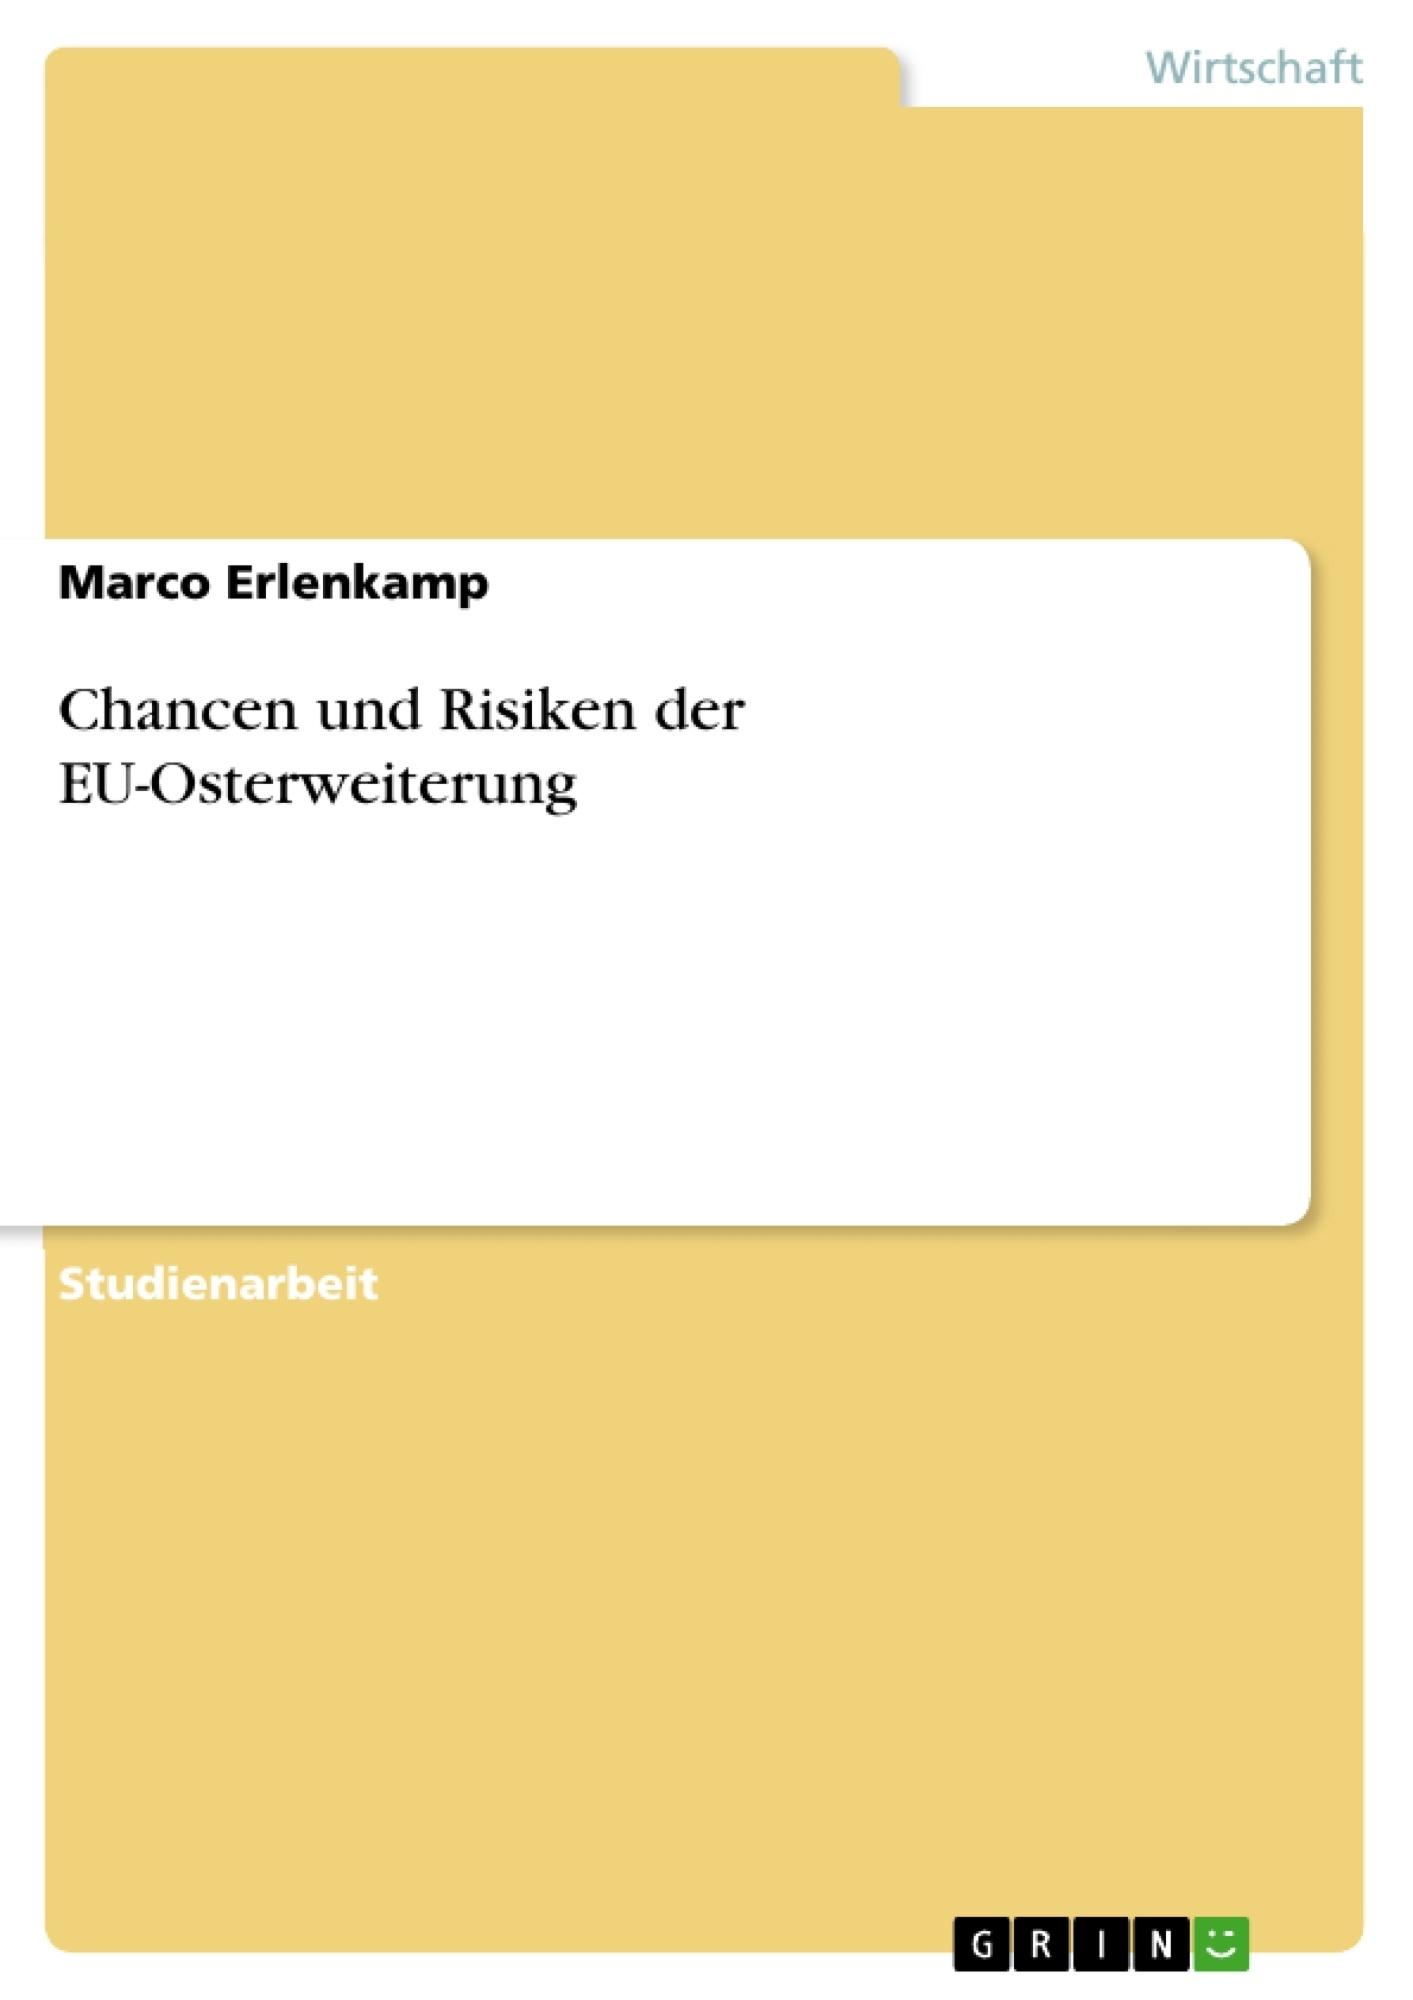 Titel: Chancen und Risiken der EU-Osterweiterung